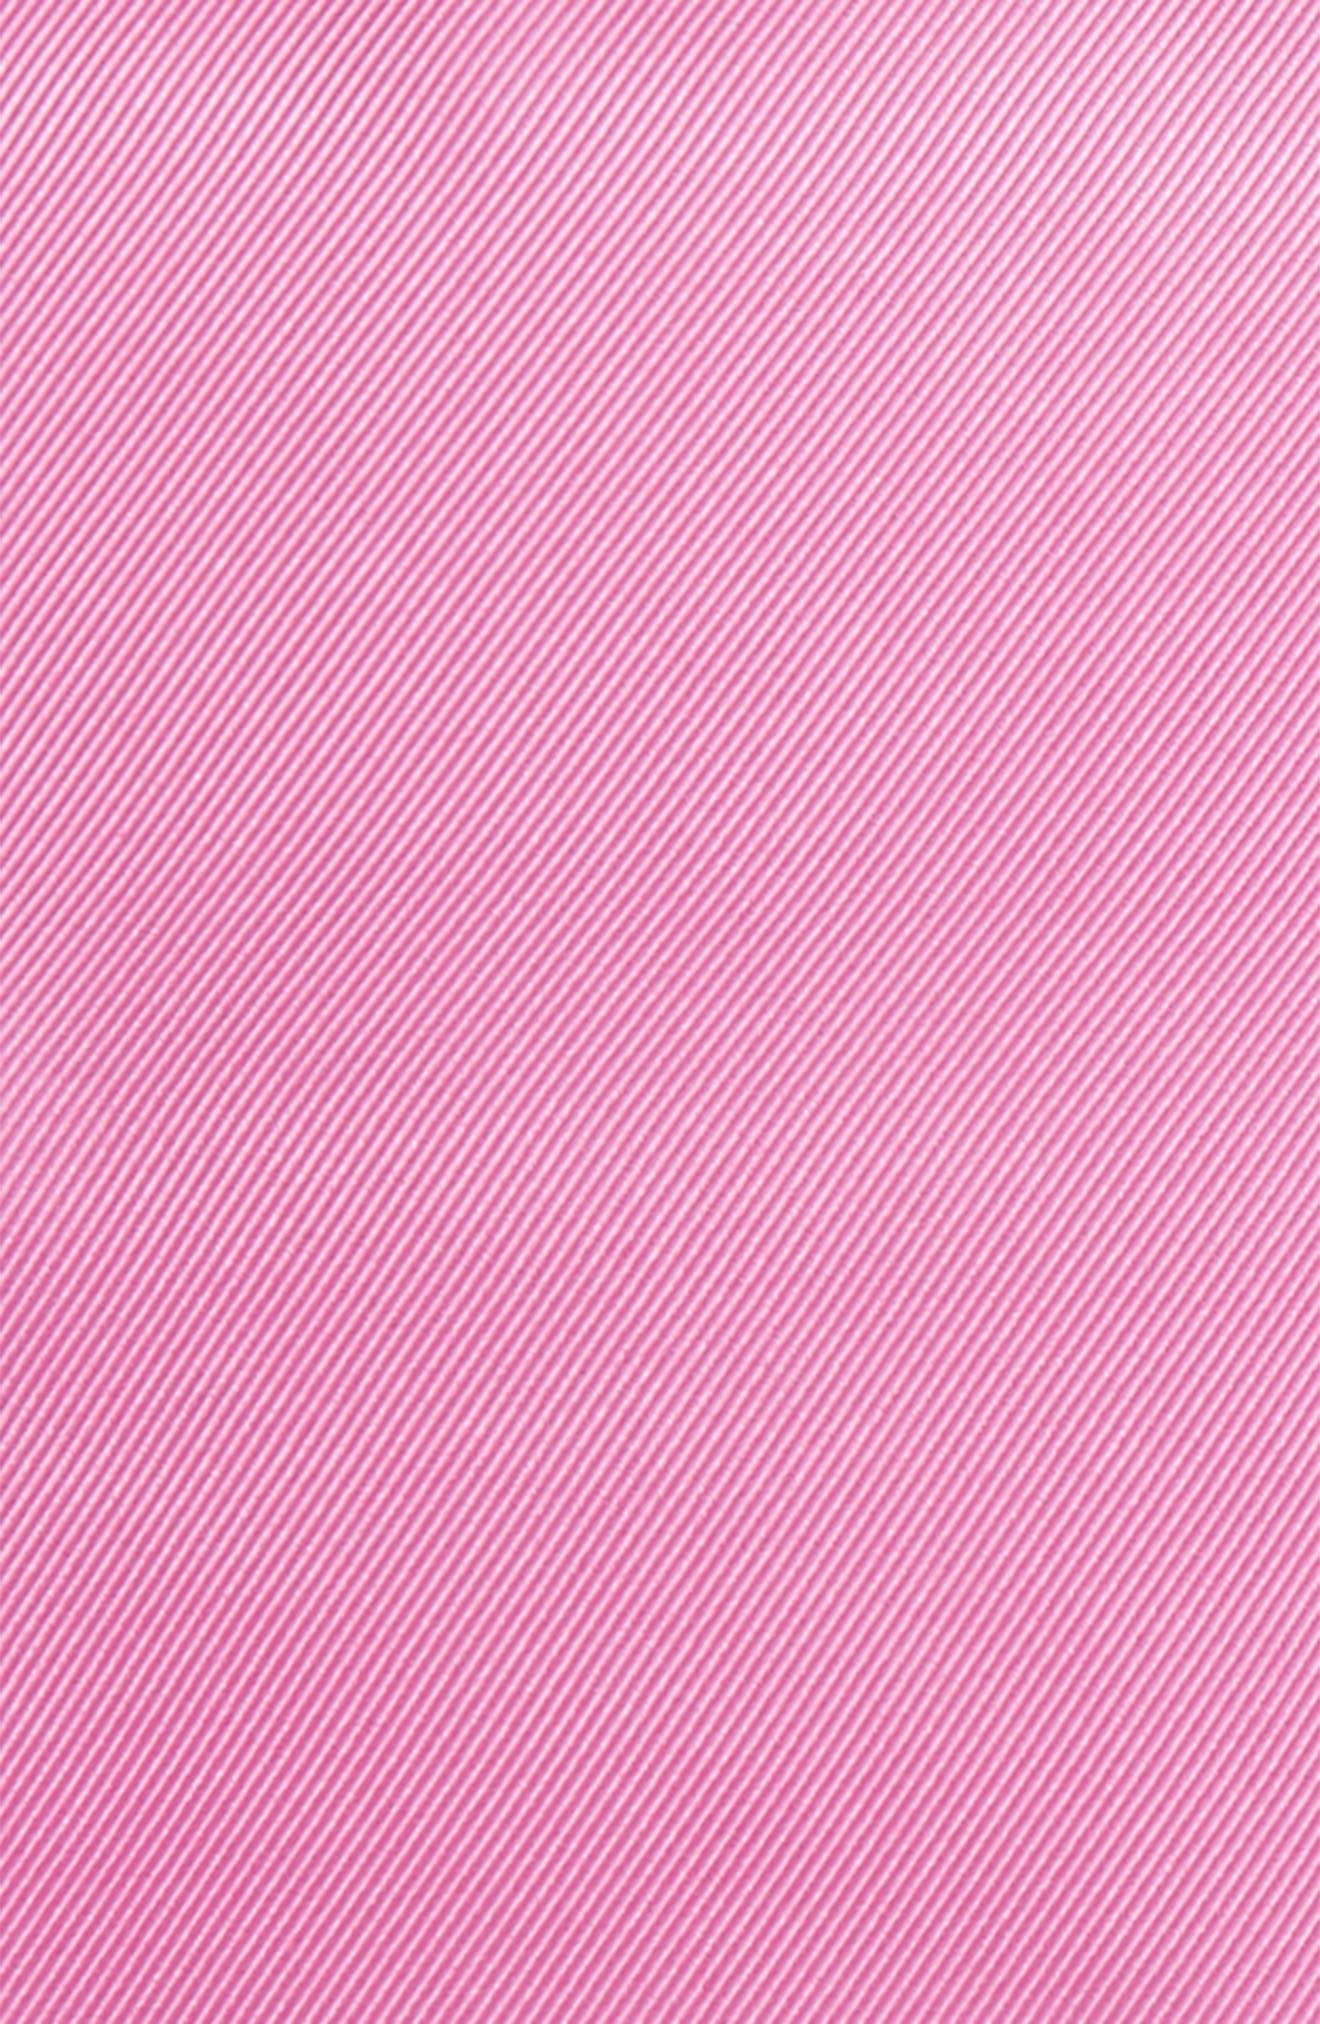 Alternate Image 3  - Nordstrom Men's Shop Solid Silk Pocket Square